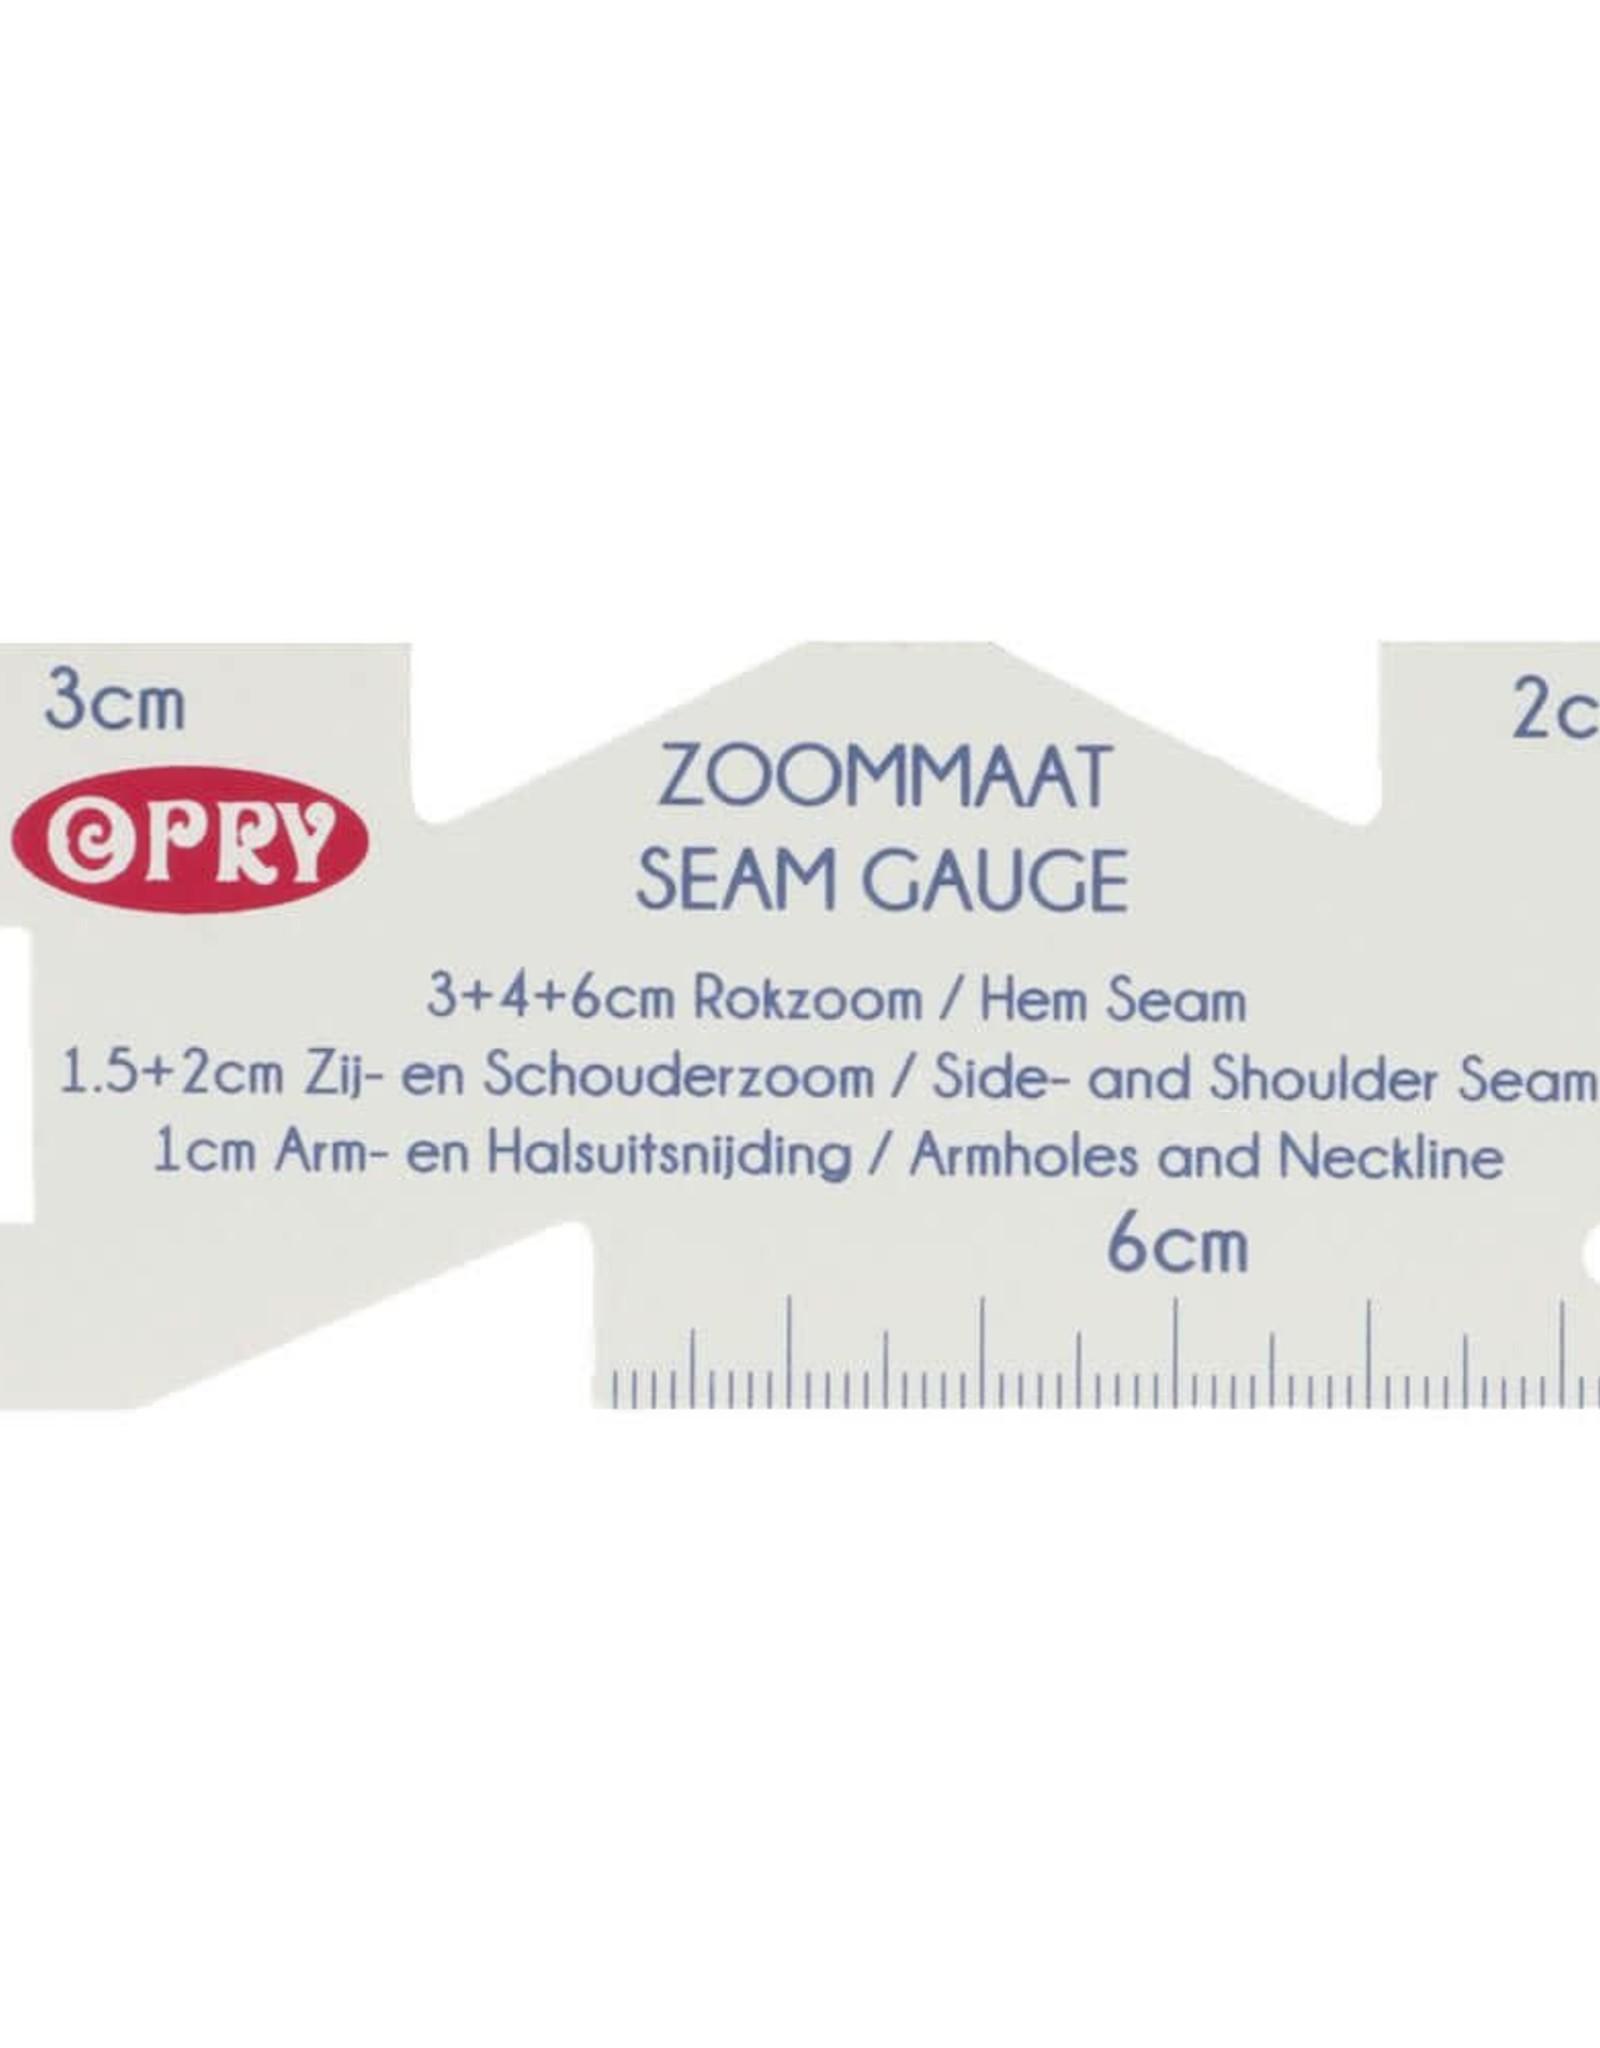 Opry Zoommaat plastic